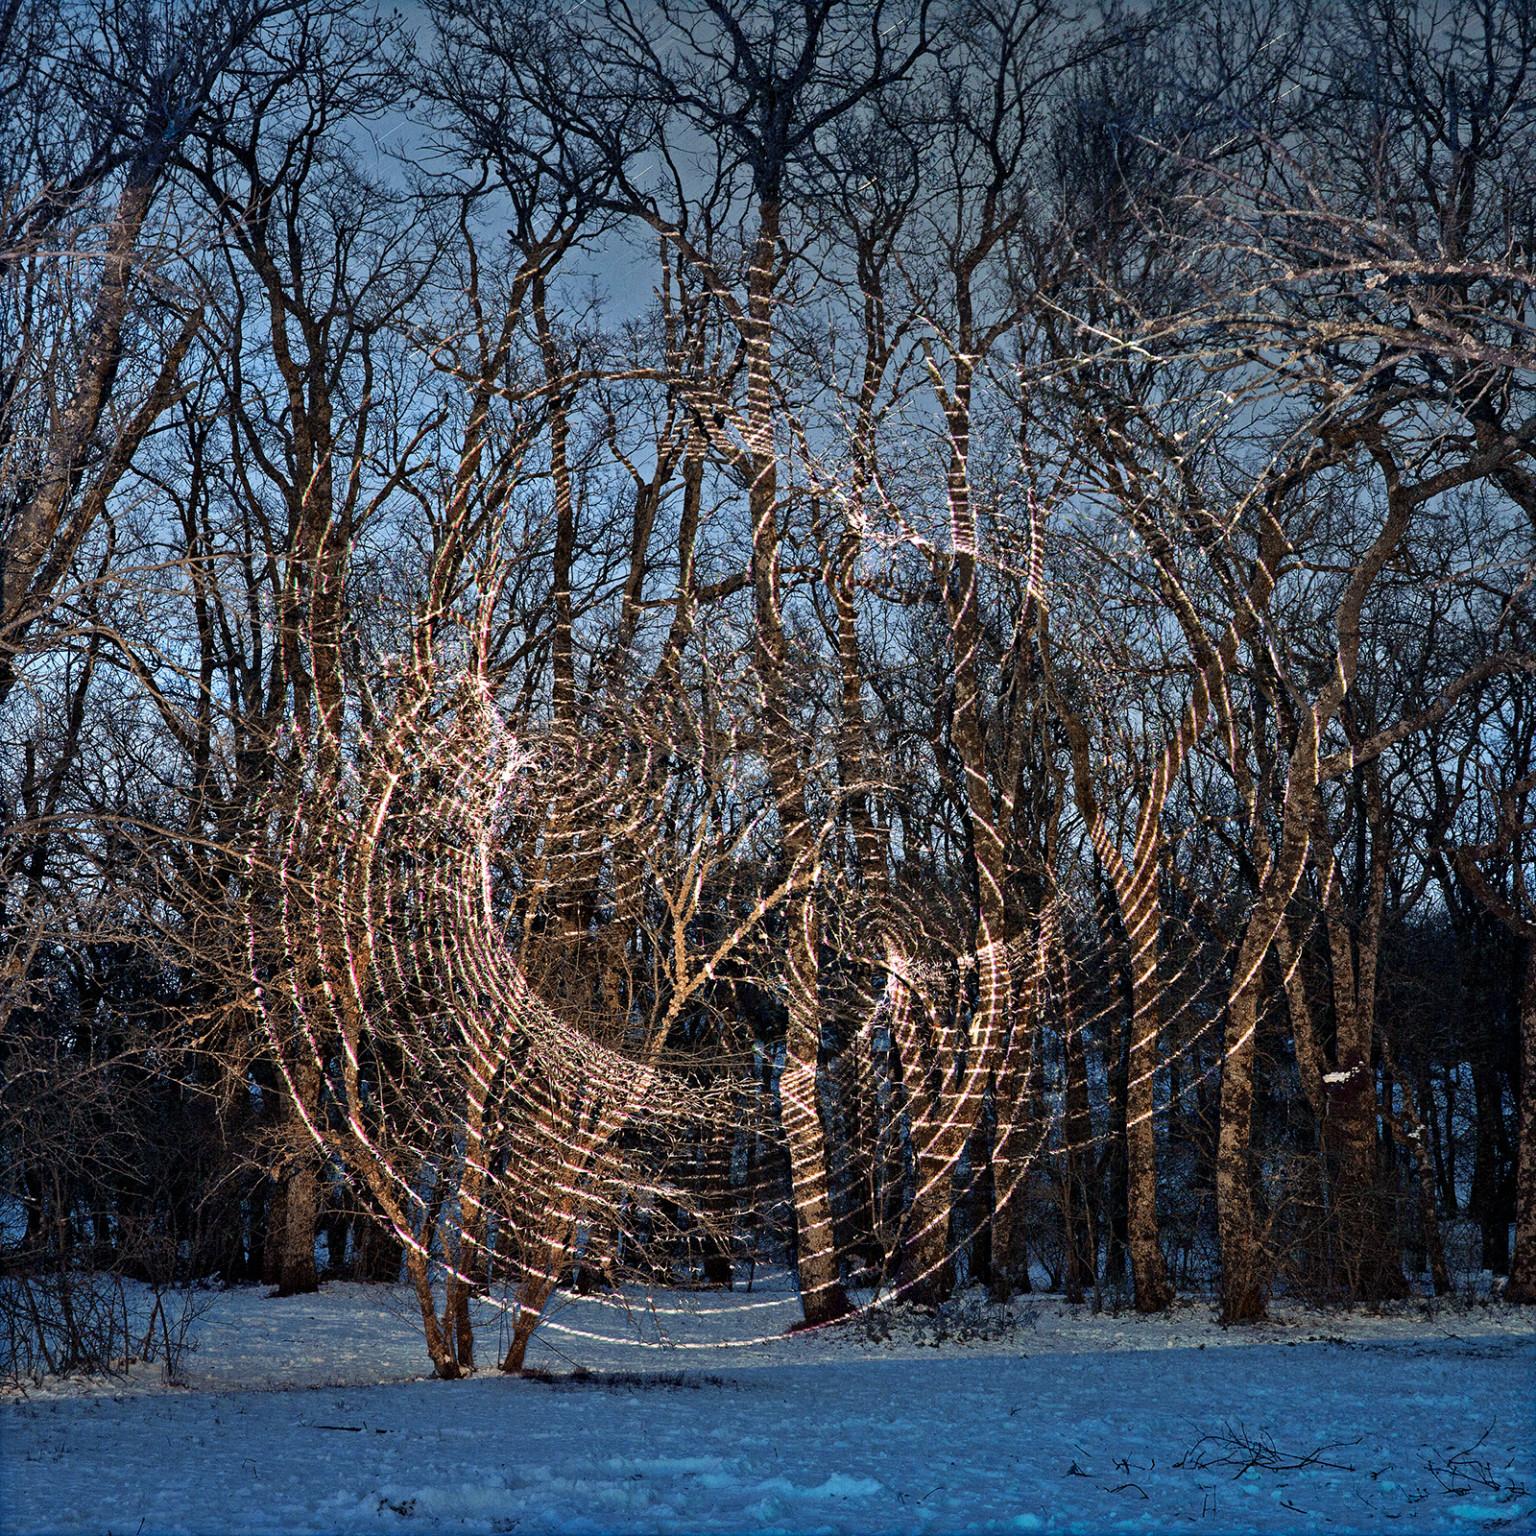 circulos concentricos de luz fotografía de javier riera